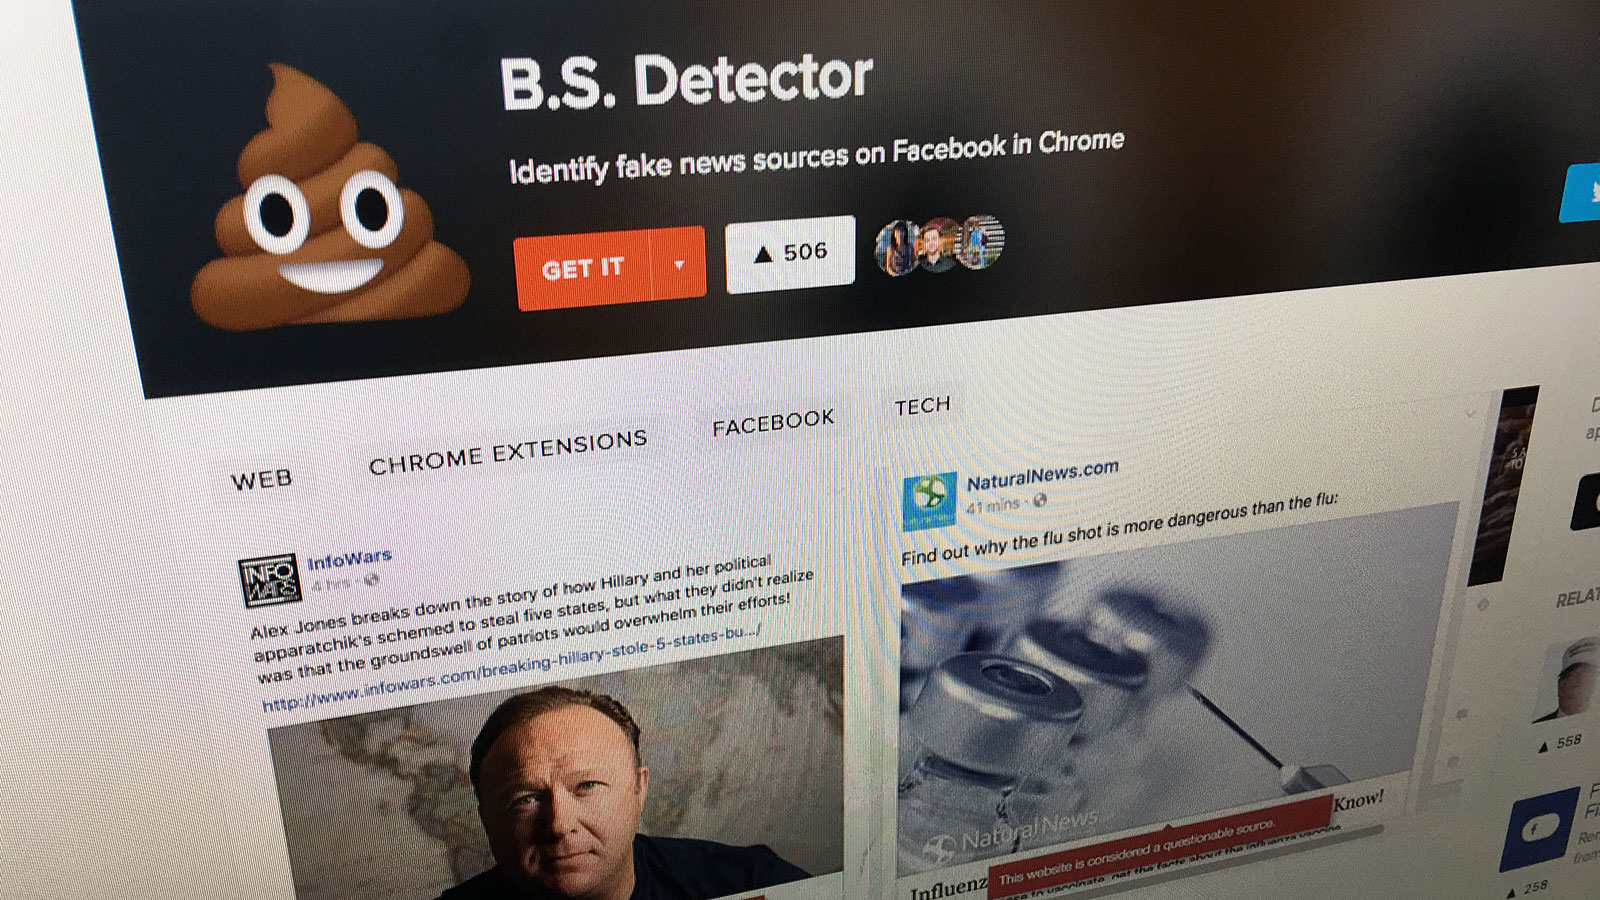 B.S. Detector